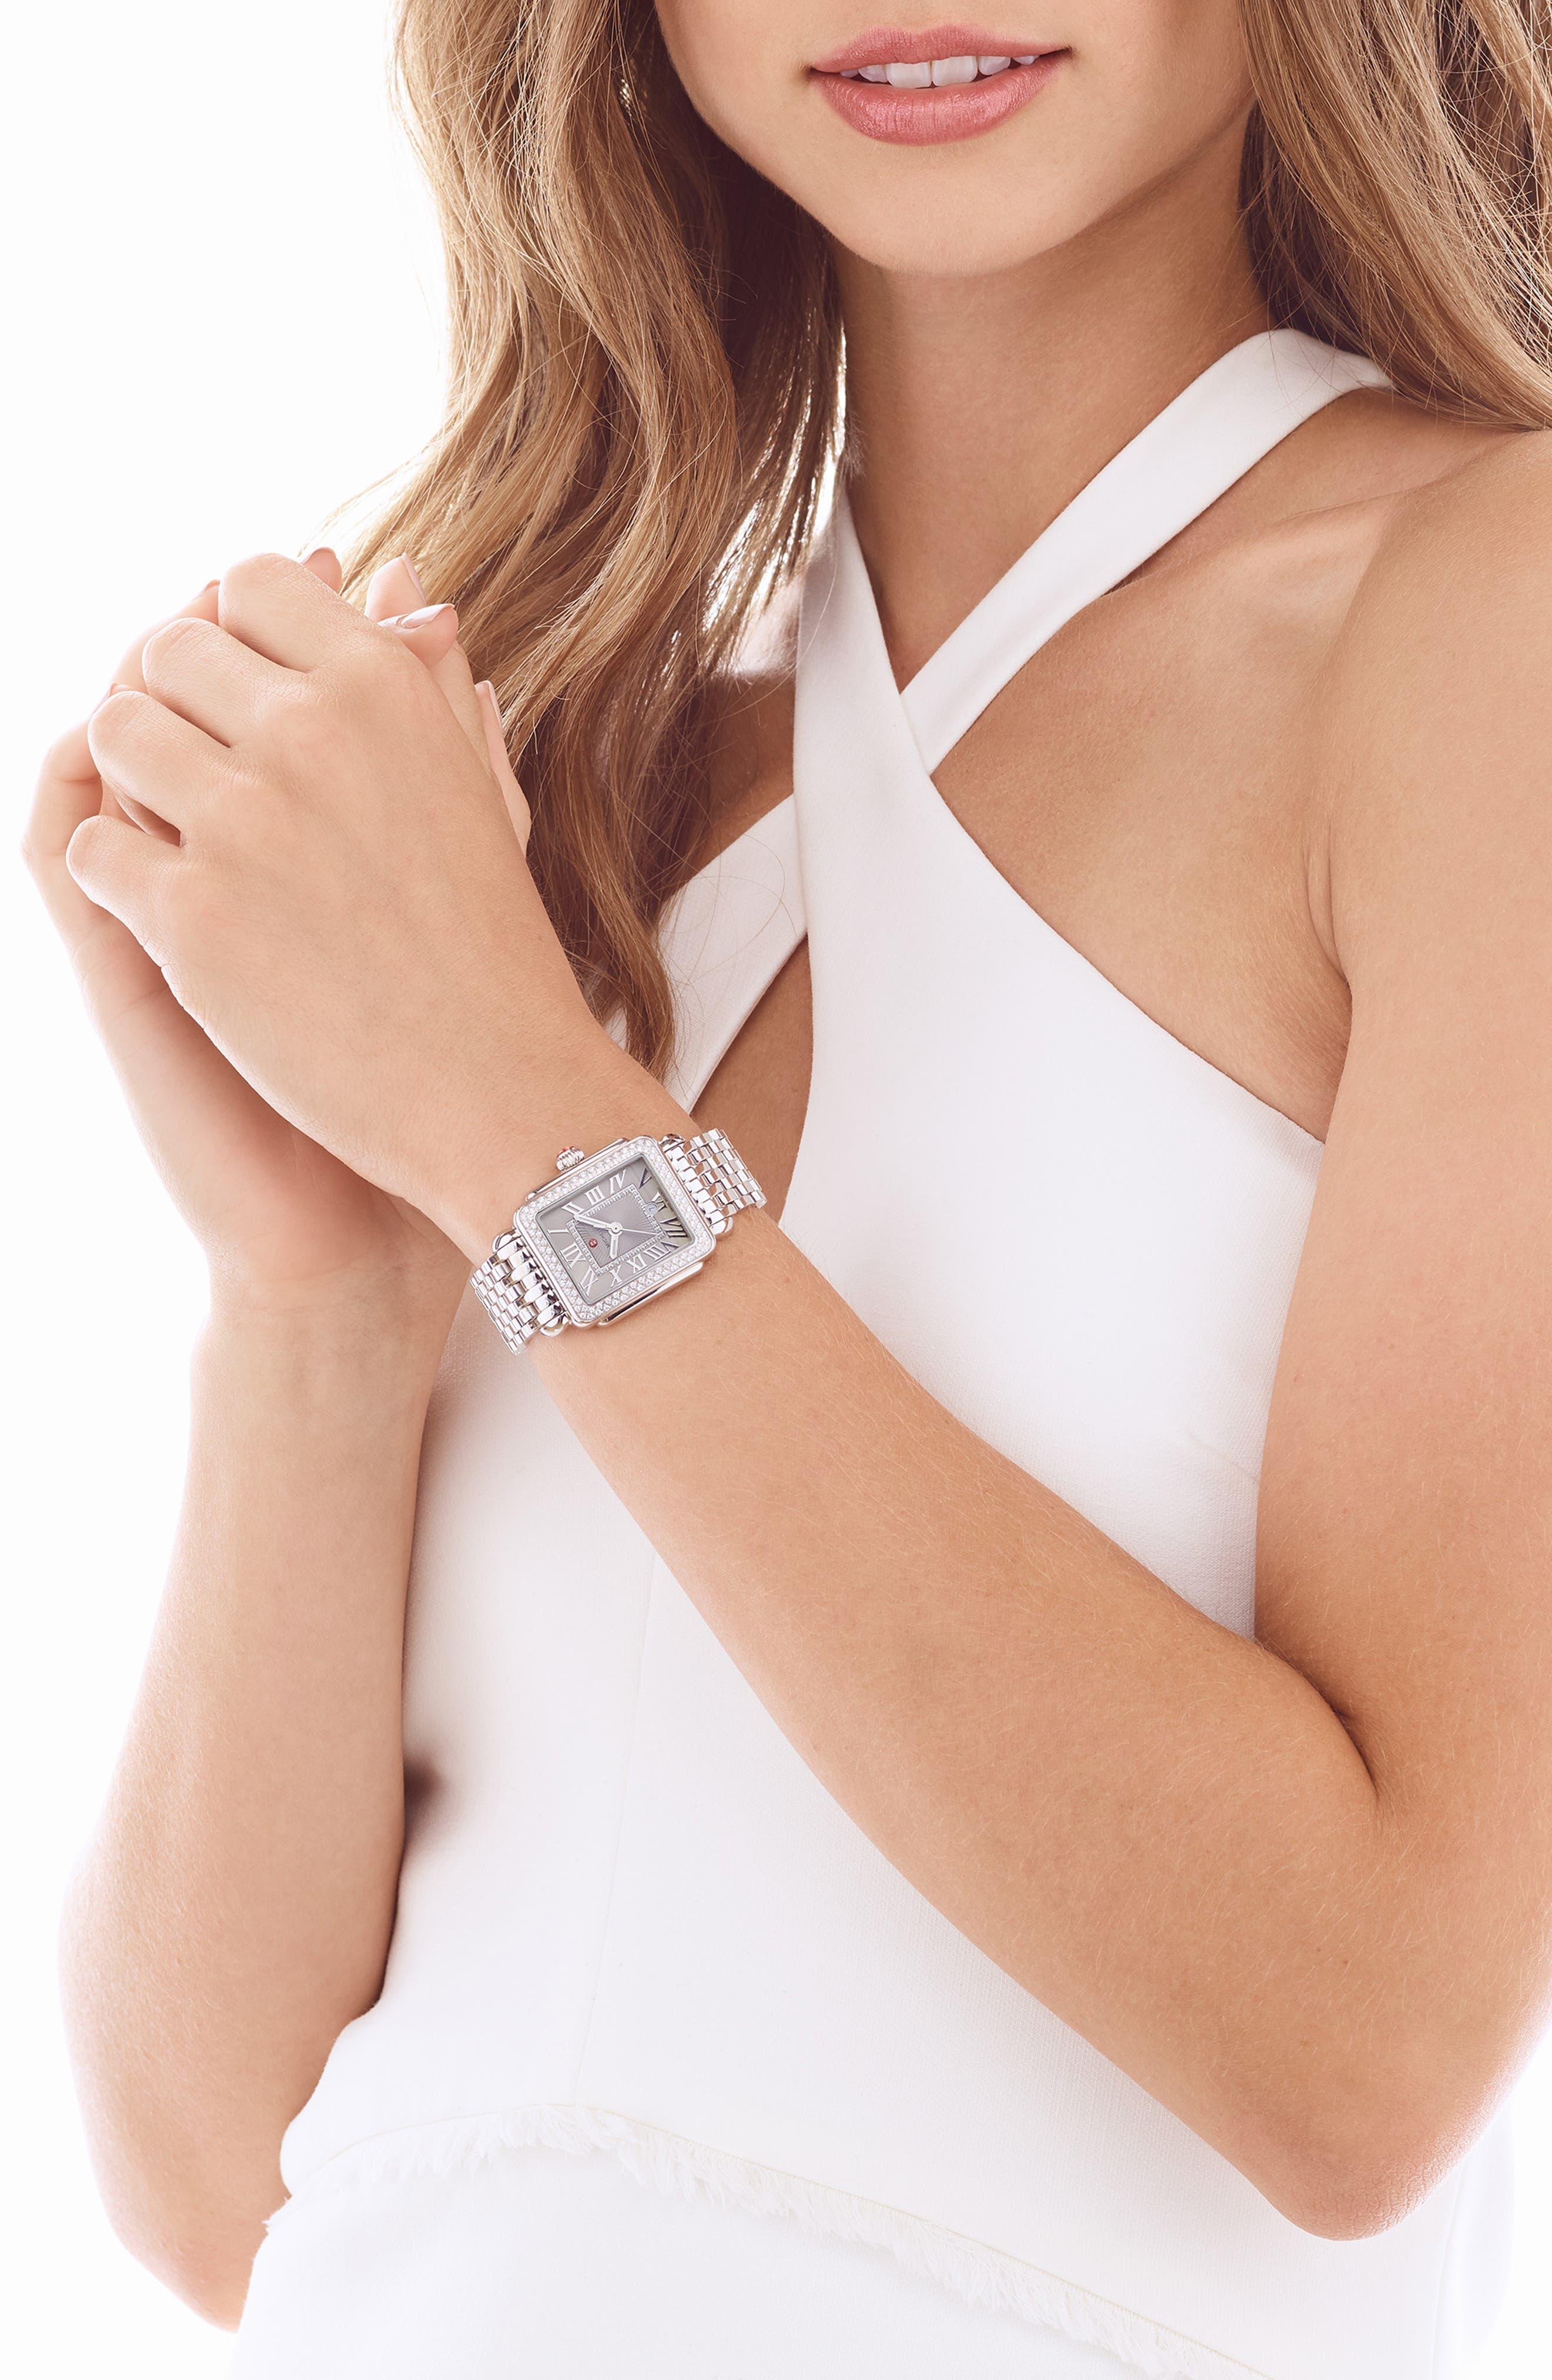 Deco 16 16mm Bracelet Watchband,                             Alternate thumbnail 9, color,                             040